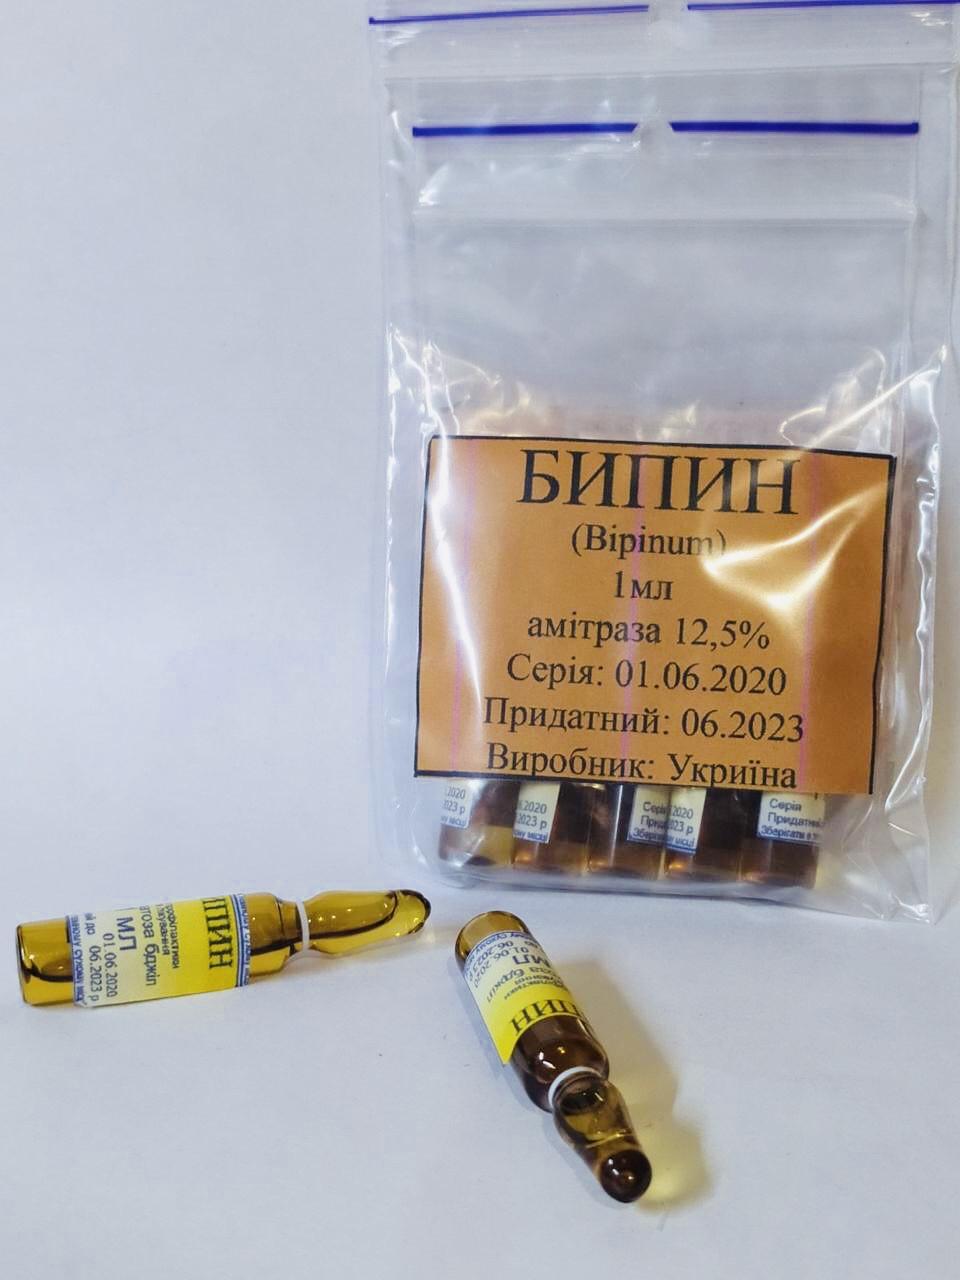 Бипин 1мл Украина